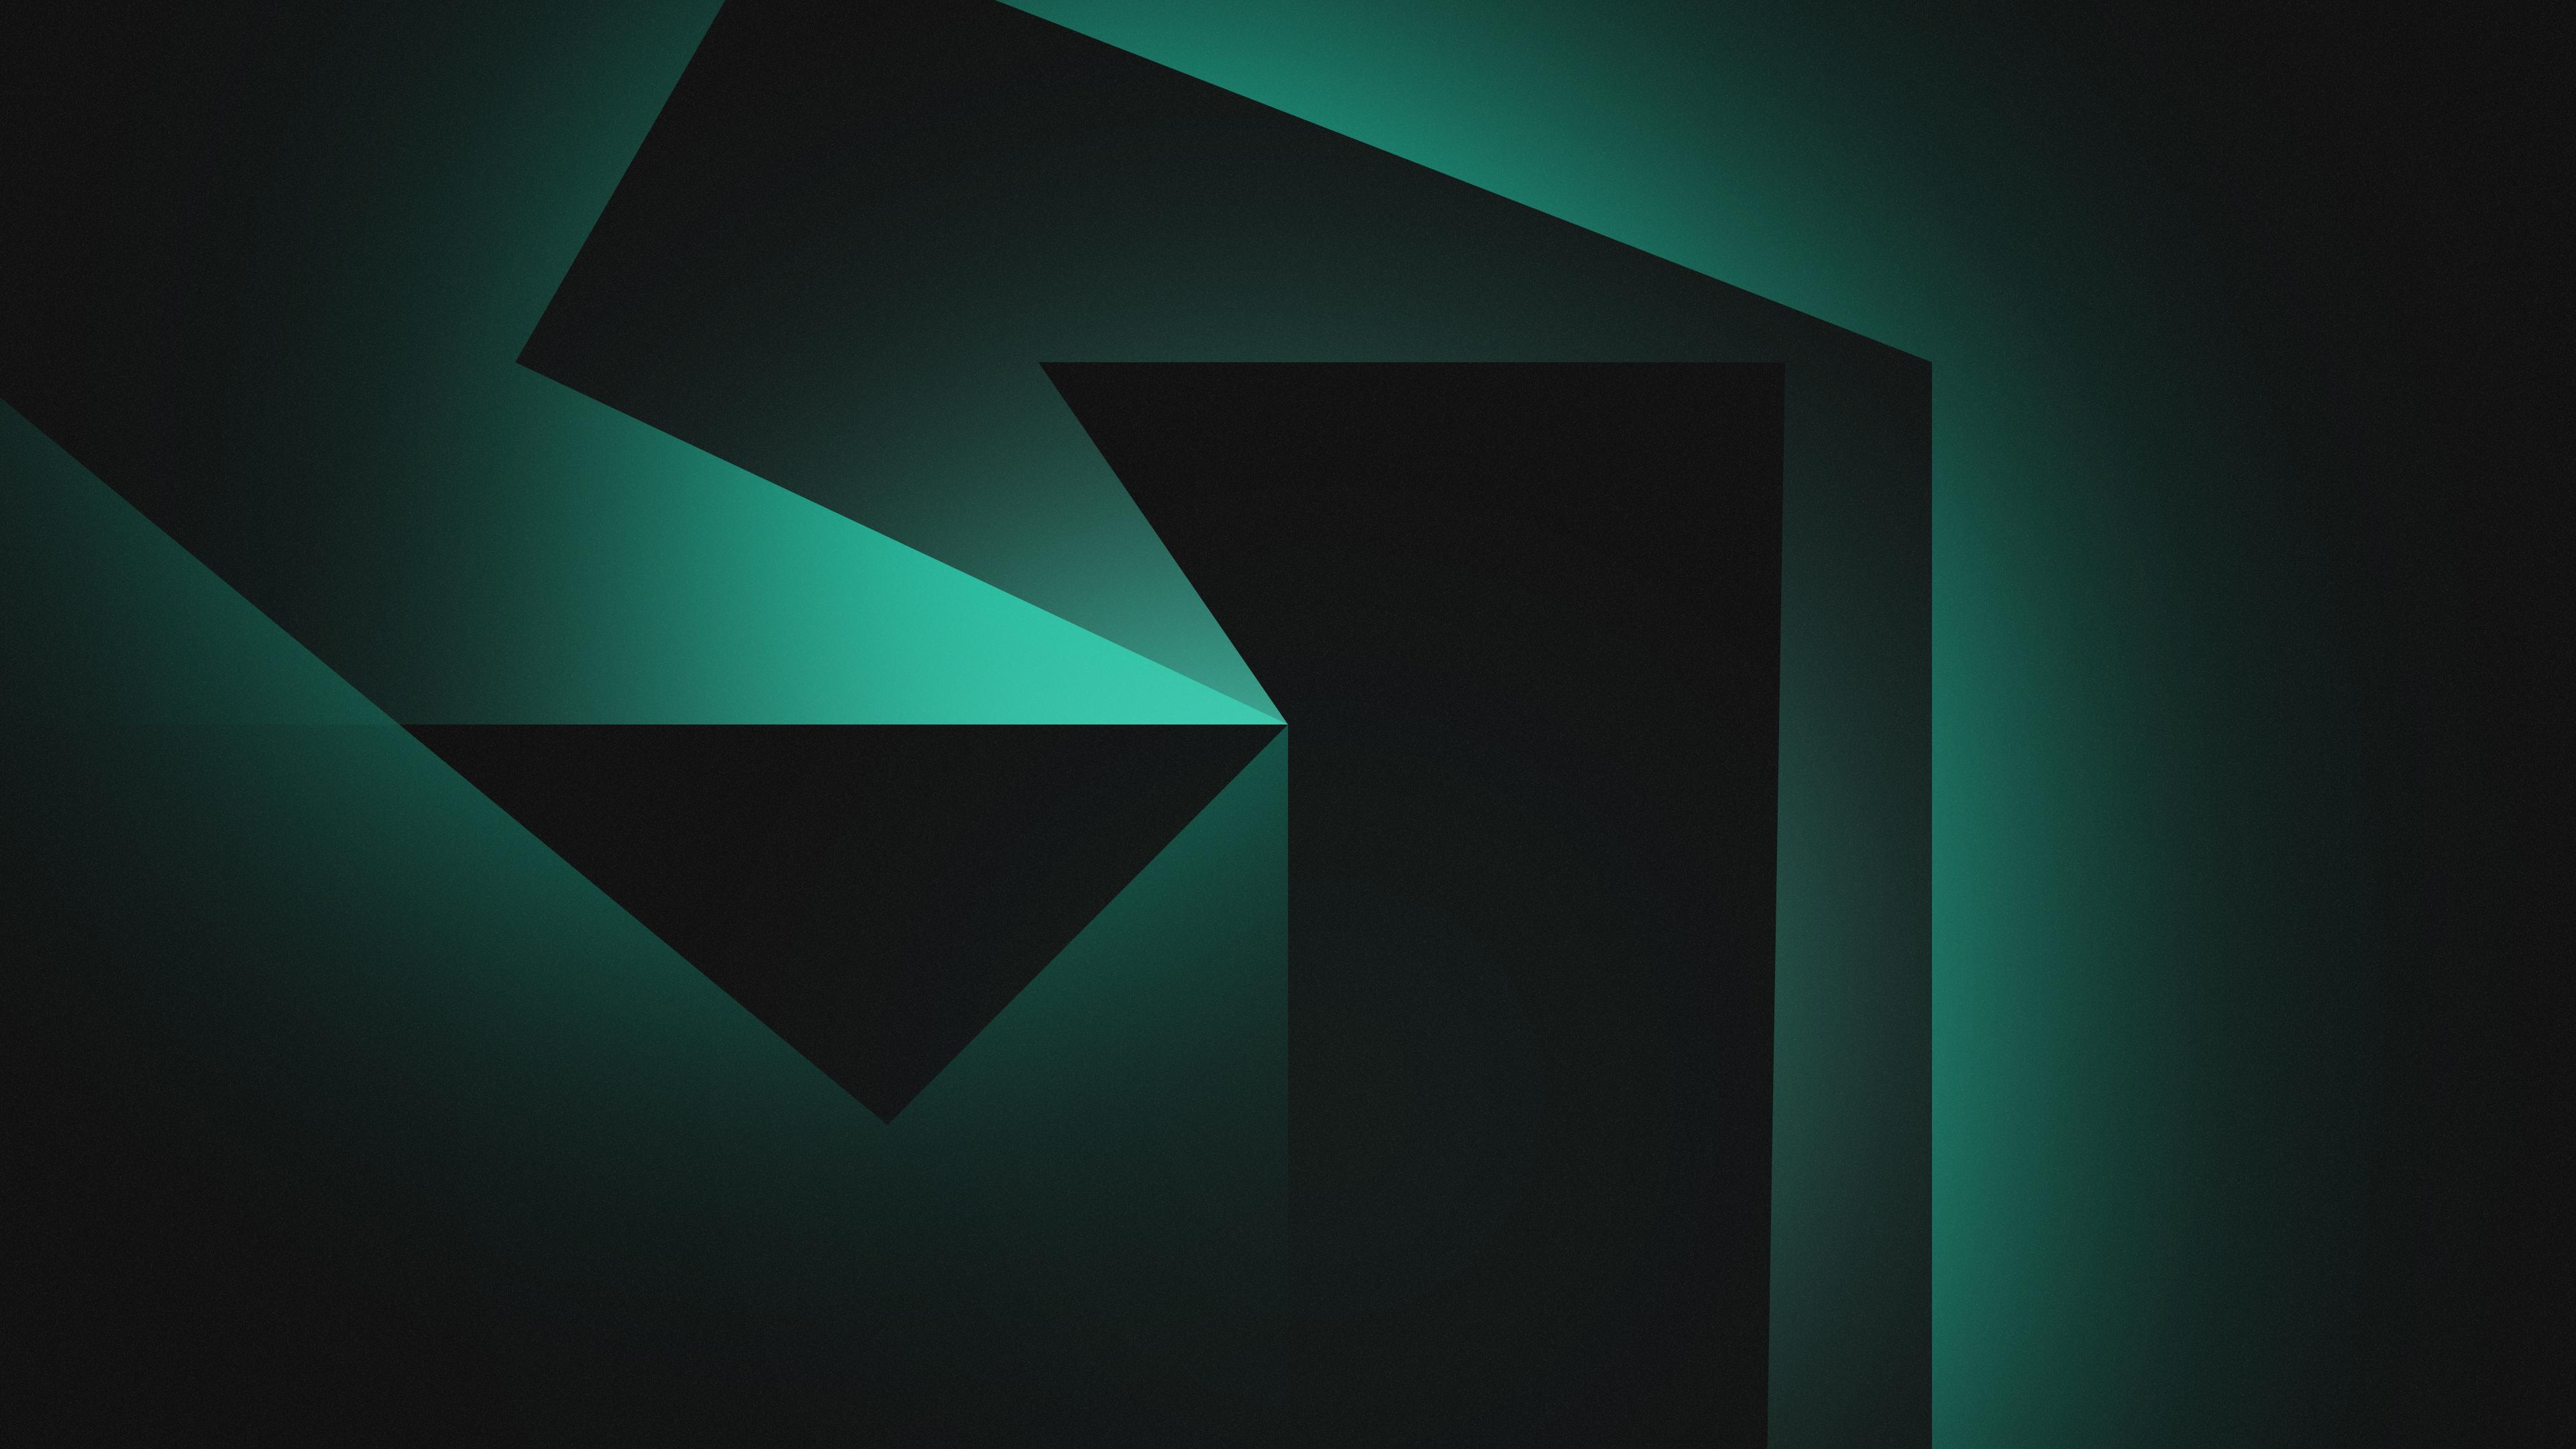 Геометрический обои скачать